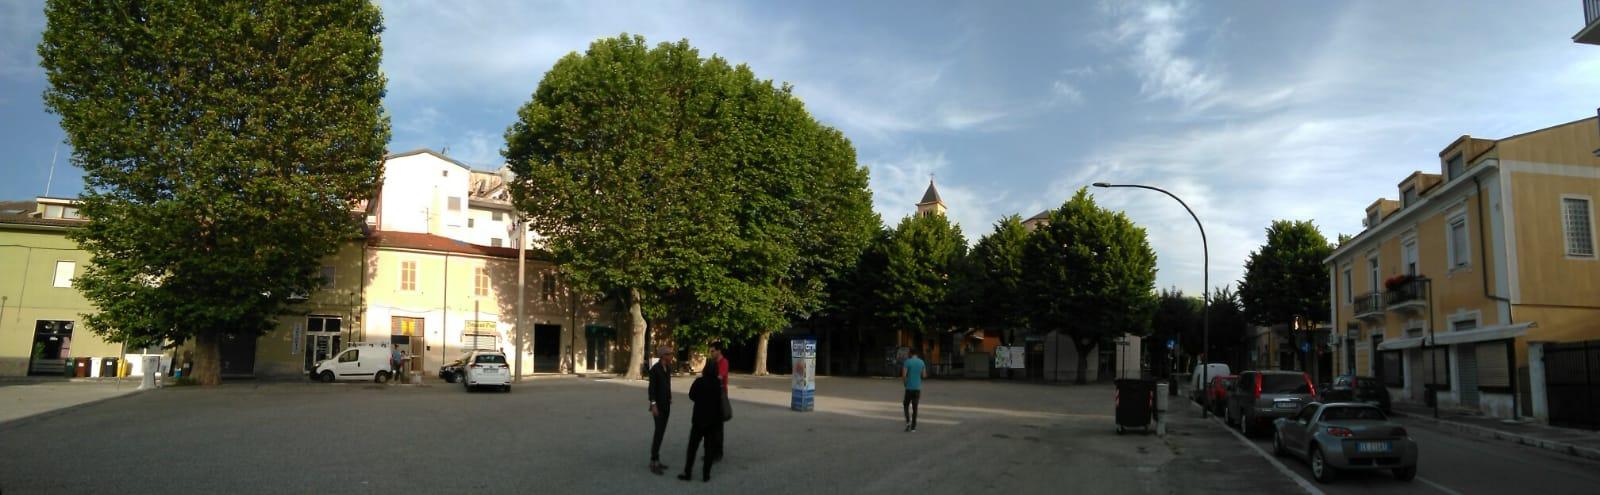 """Taglio alberi in Piazza del Mercato a Avezzano. IlCo.n.al.pa. """"Decisione superficiale e affrettata""""."""